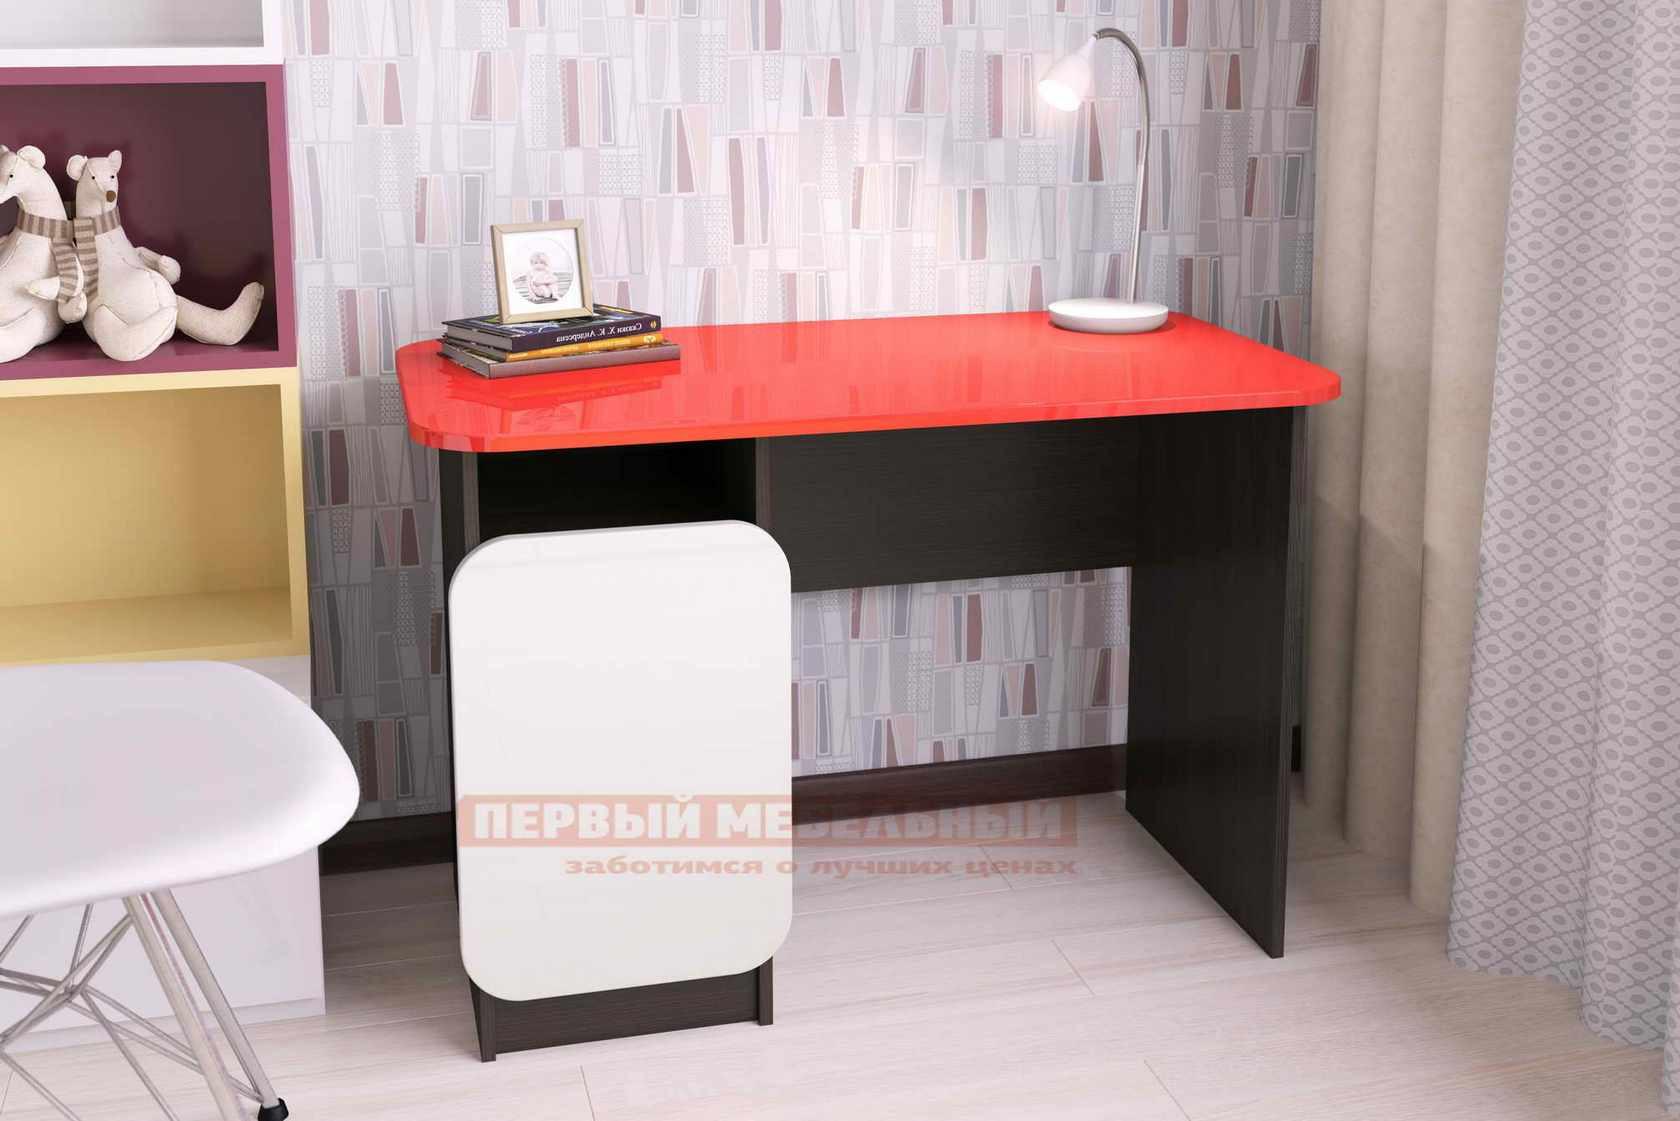 Письменный стол Мебелеф Письменный стол «Мебелеф-6» Венге, Белоснежный глянец 8888, Чёрный глянец 2905, Левый